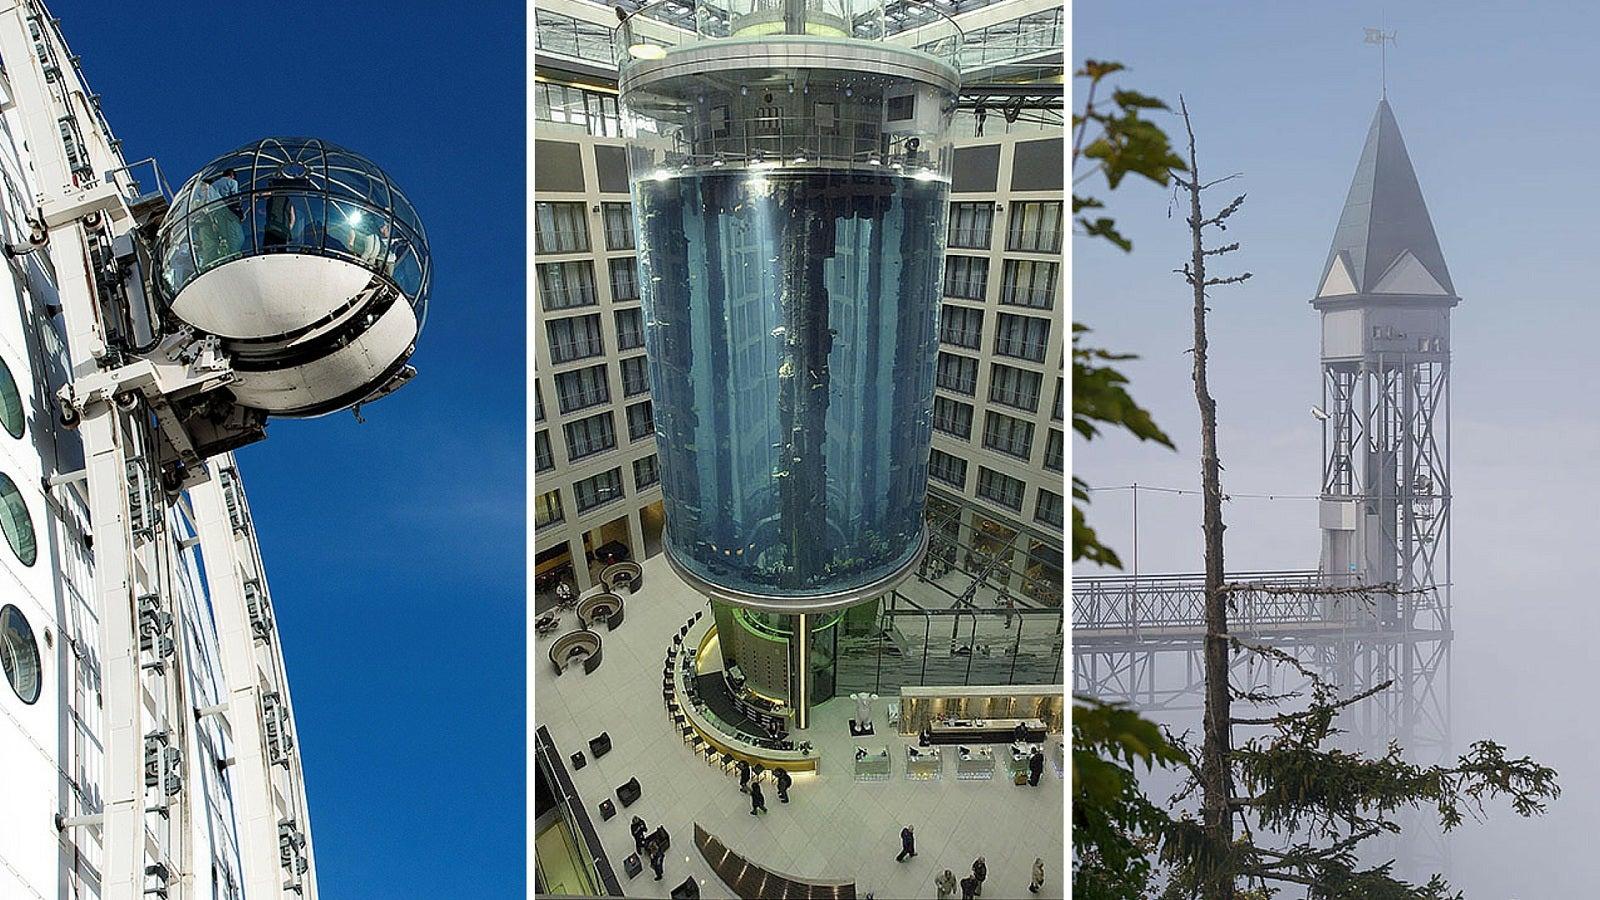 Eigentlich soll ein Aufzug nur die Treppe ersetzen oder gewaltige Höhen in Sekundenschnelle erreichen. Doch es gibt auch welche, die machen jede Fahrt zum Erlebnis. Mitten im Aquarium oder eine steile Felswand entlang: Diese Aufzüge ähneln einer Achterbahnfahrt.